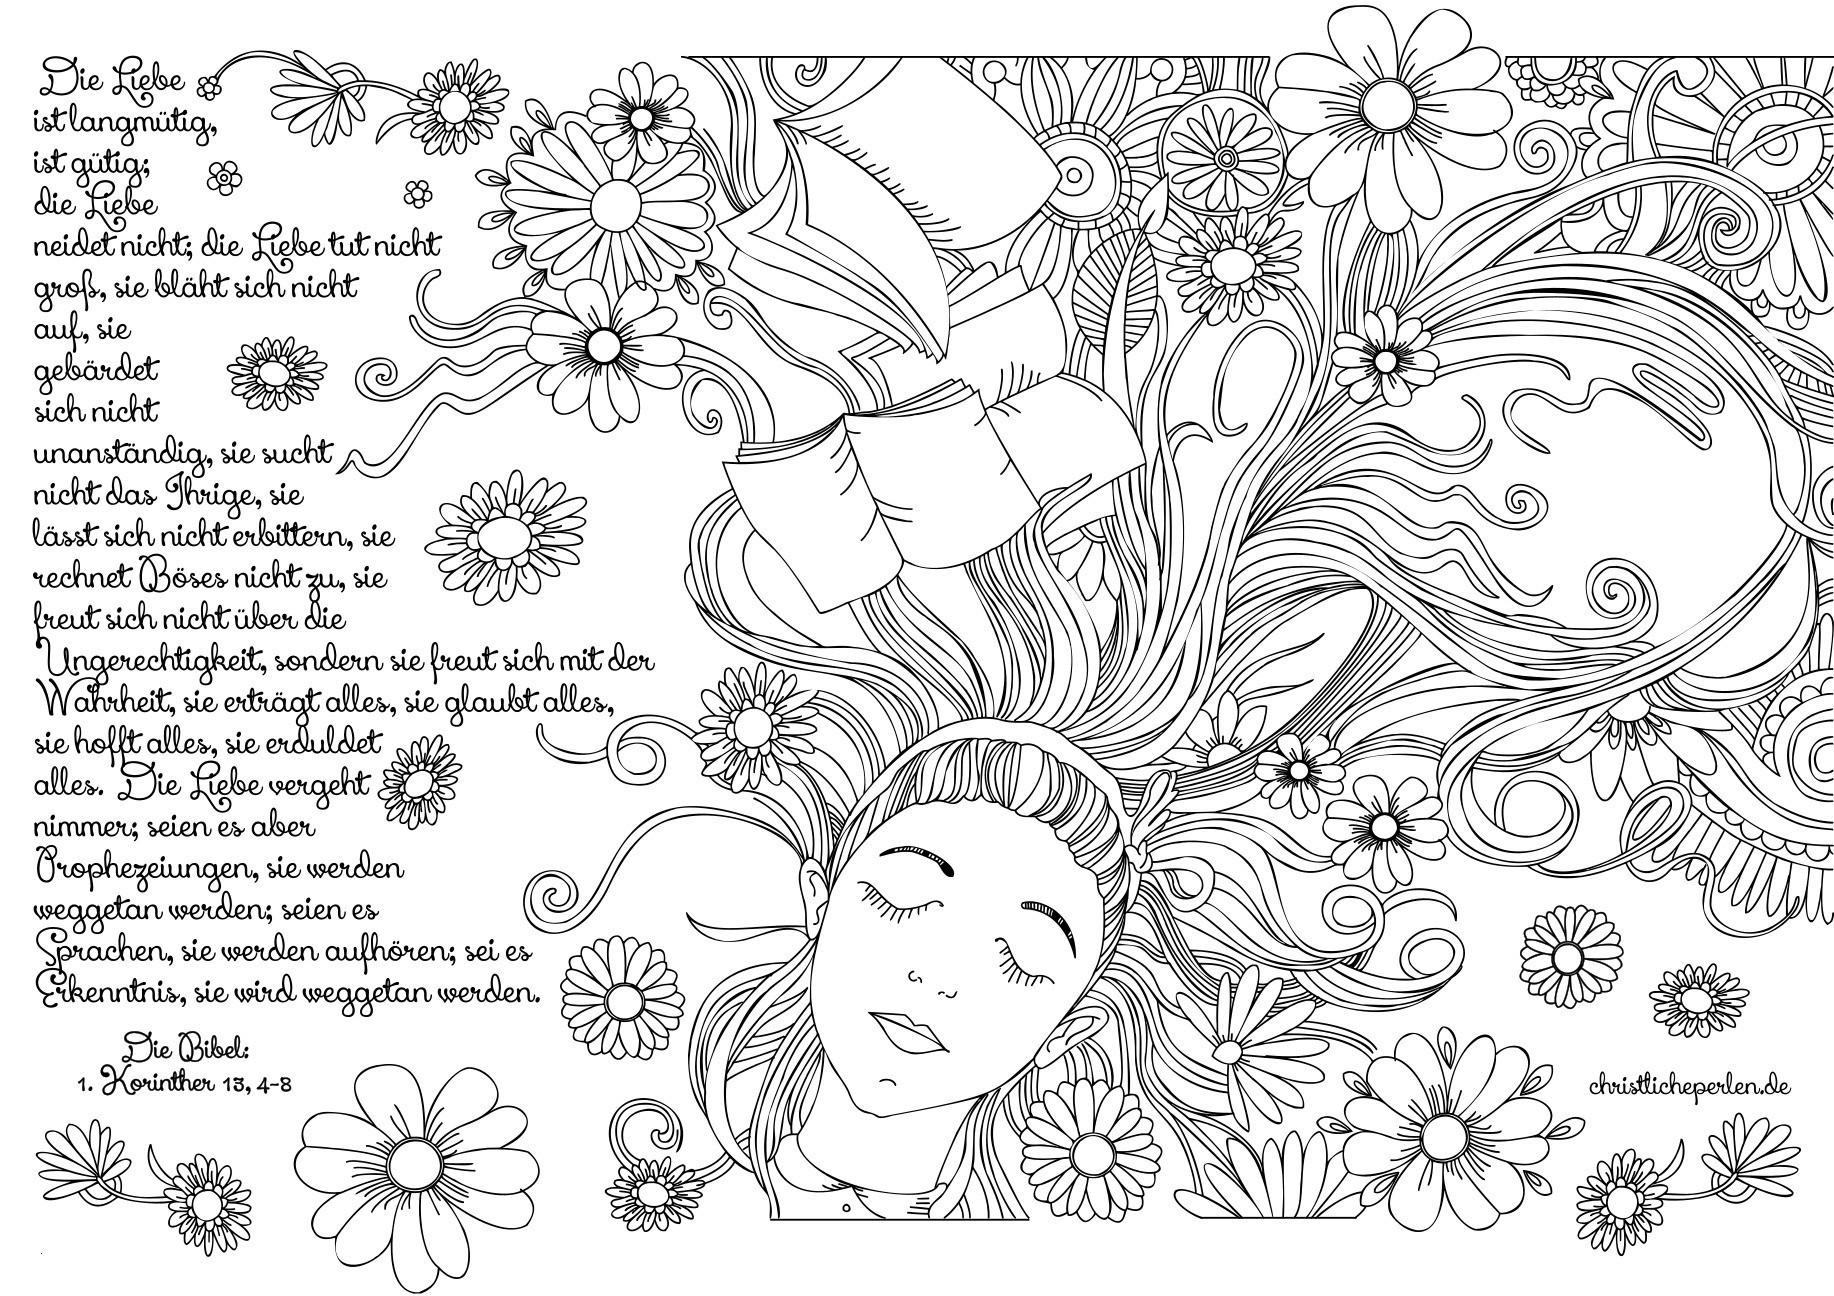 Ausmalbilder Herbst Eule Neu Ausmalbilder Eule Elegant Malvorlagen Igel Inspirierend Igel Stock